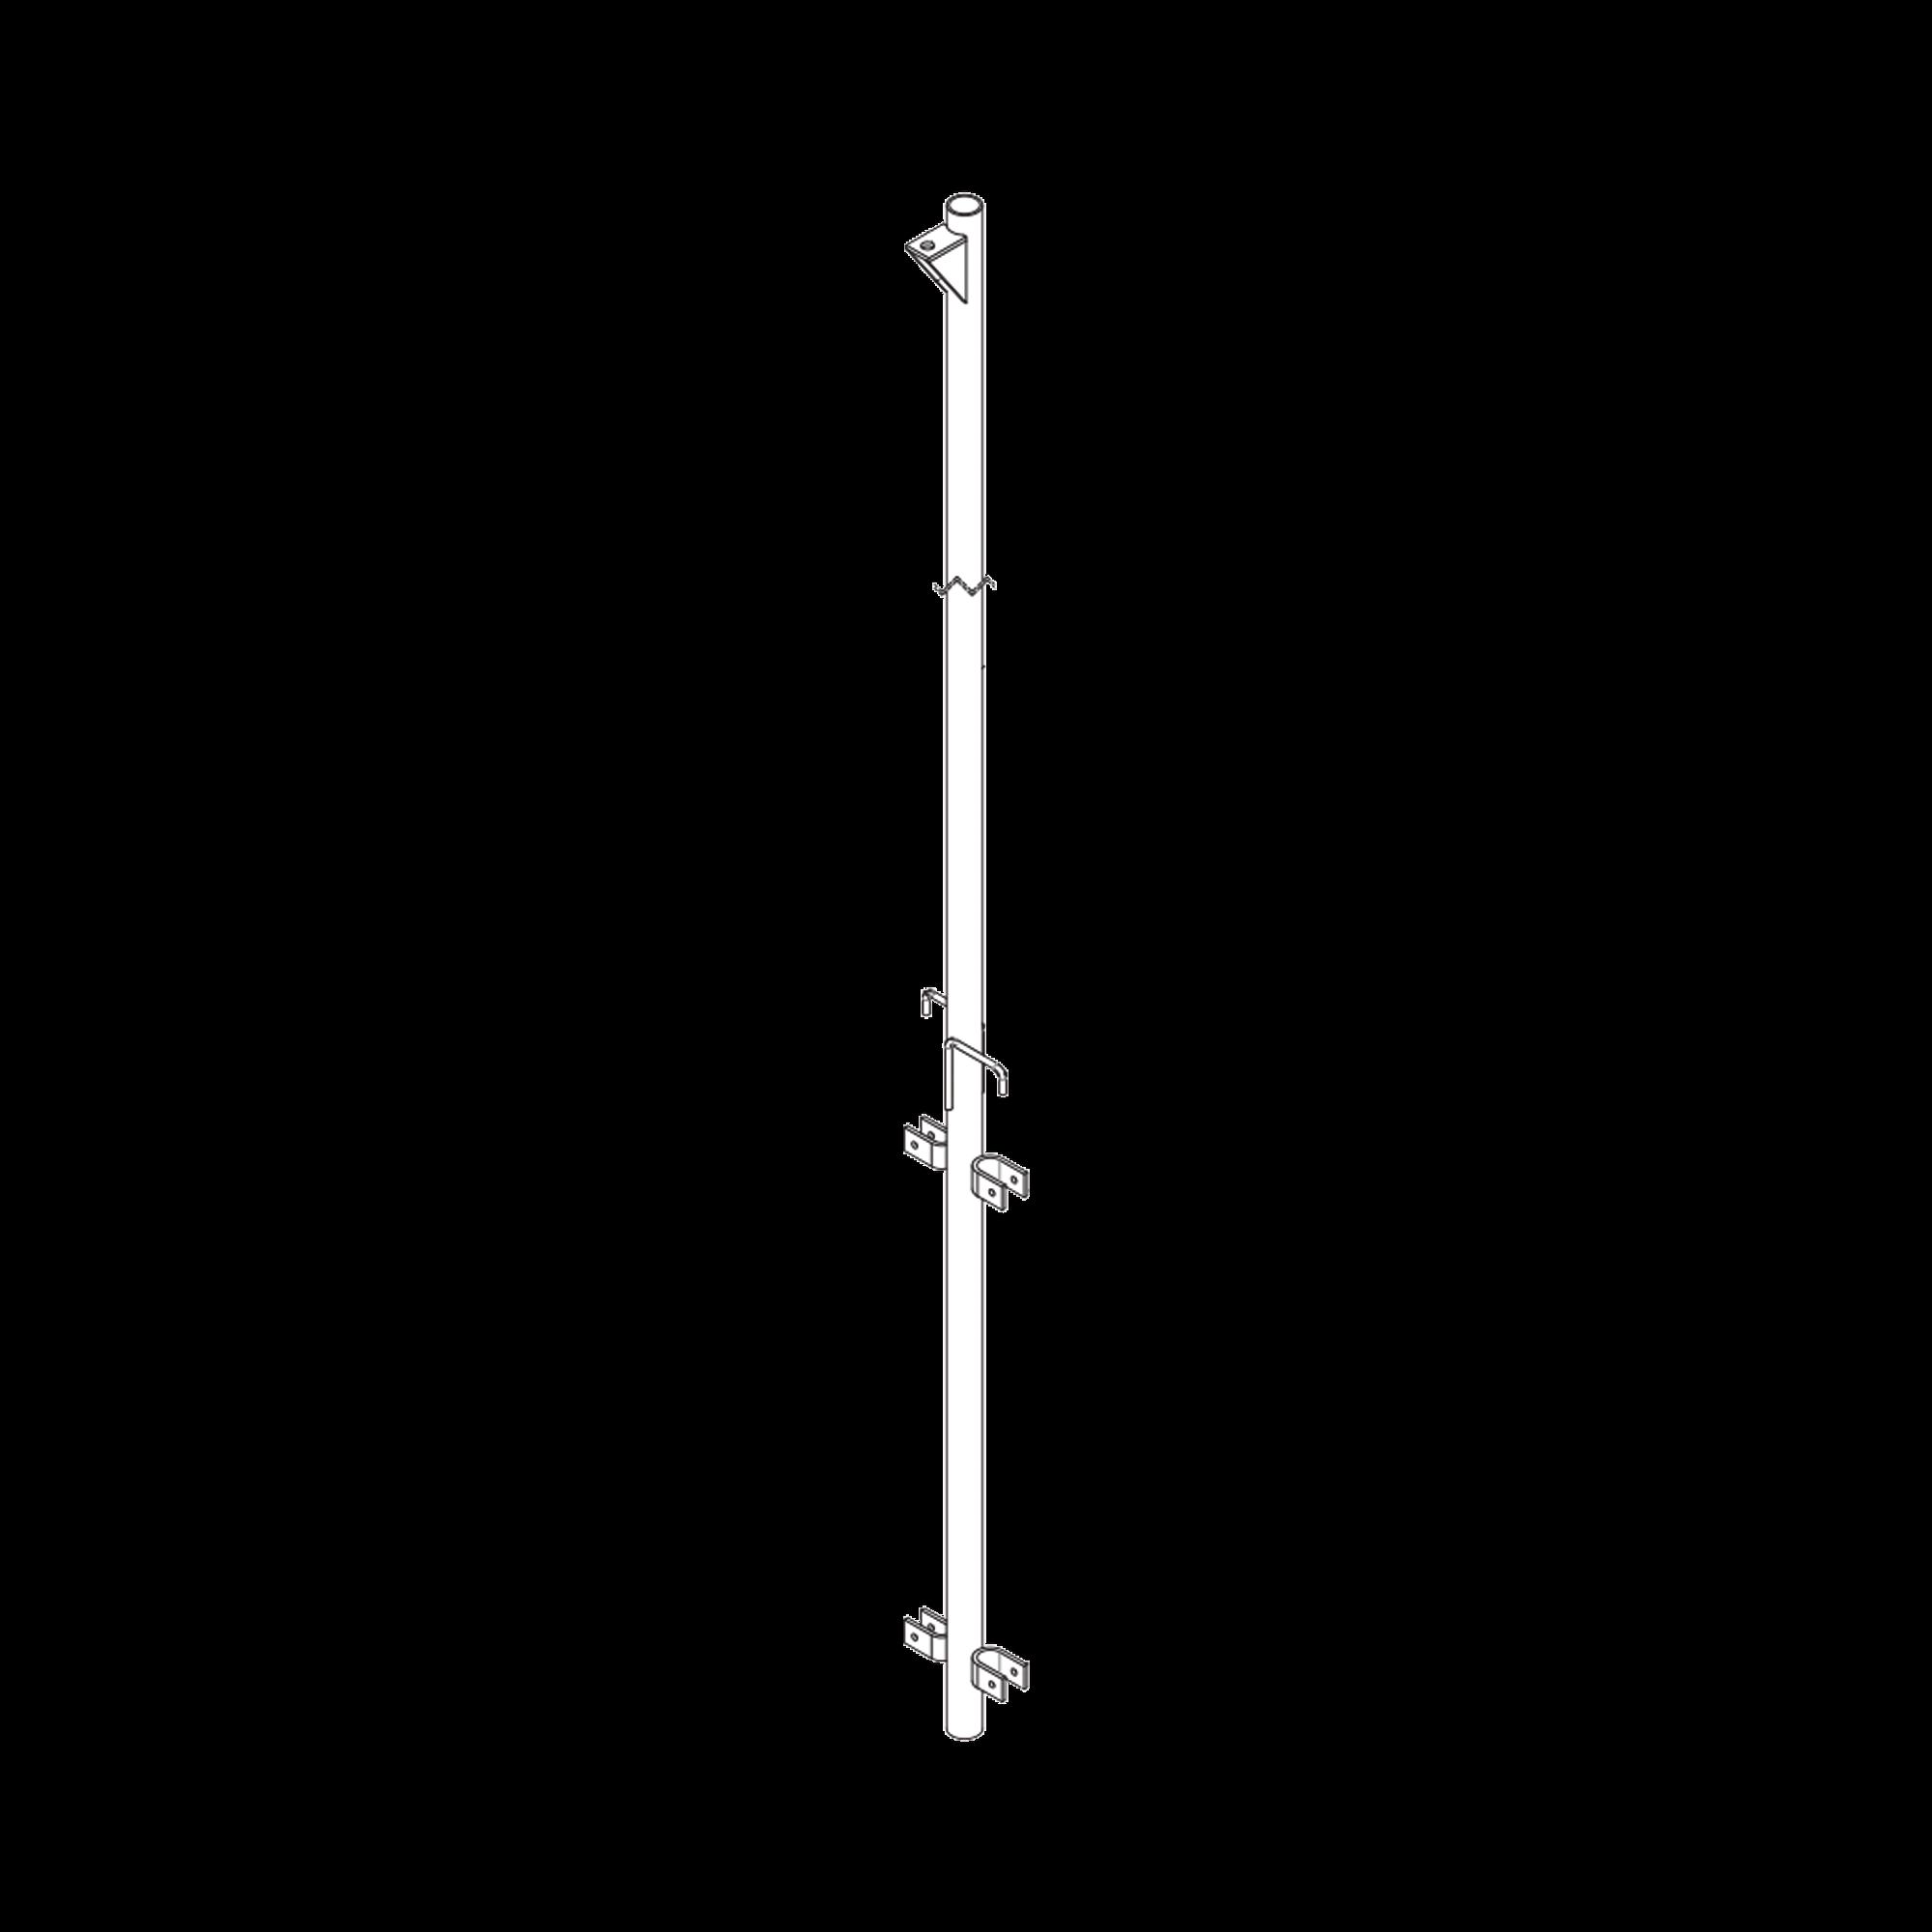 Pluma de Aluminio de 4 metros CED.40  para Instalacion de Tramos STZ (Con Polea).